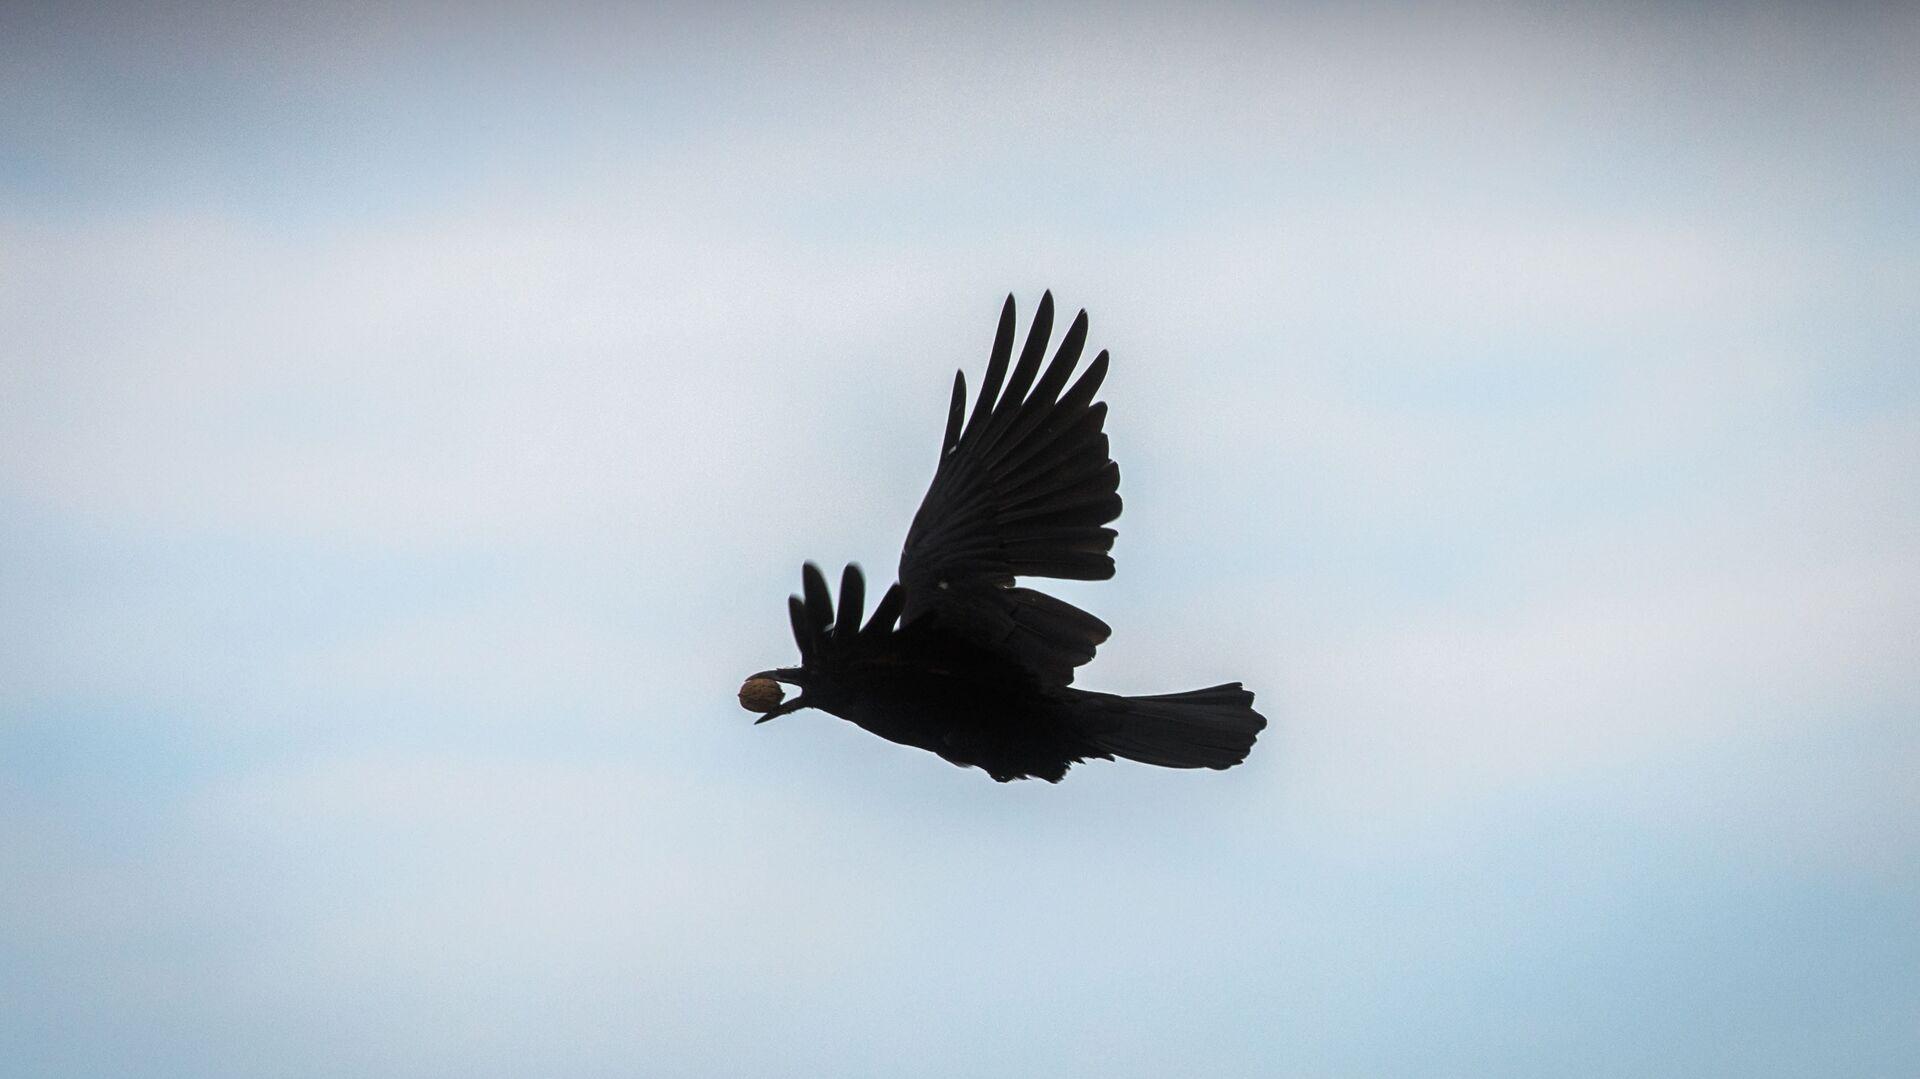 Un cuervo volando (imagen referencial) - Sputnik Mundo, 1920, 25.09.2021